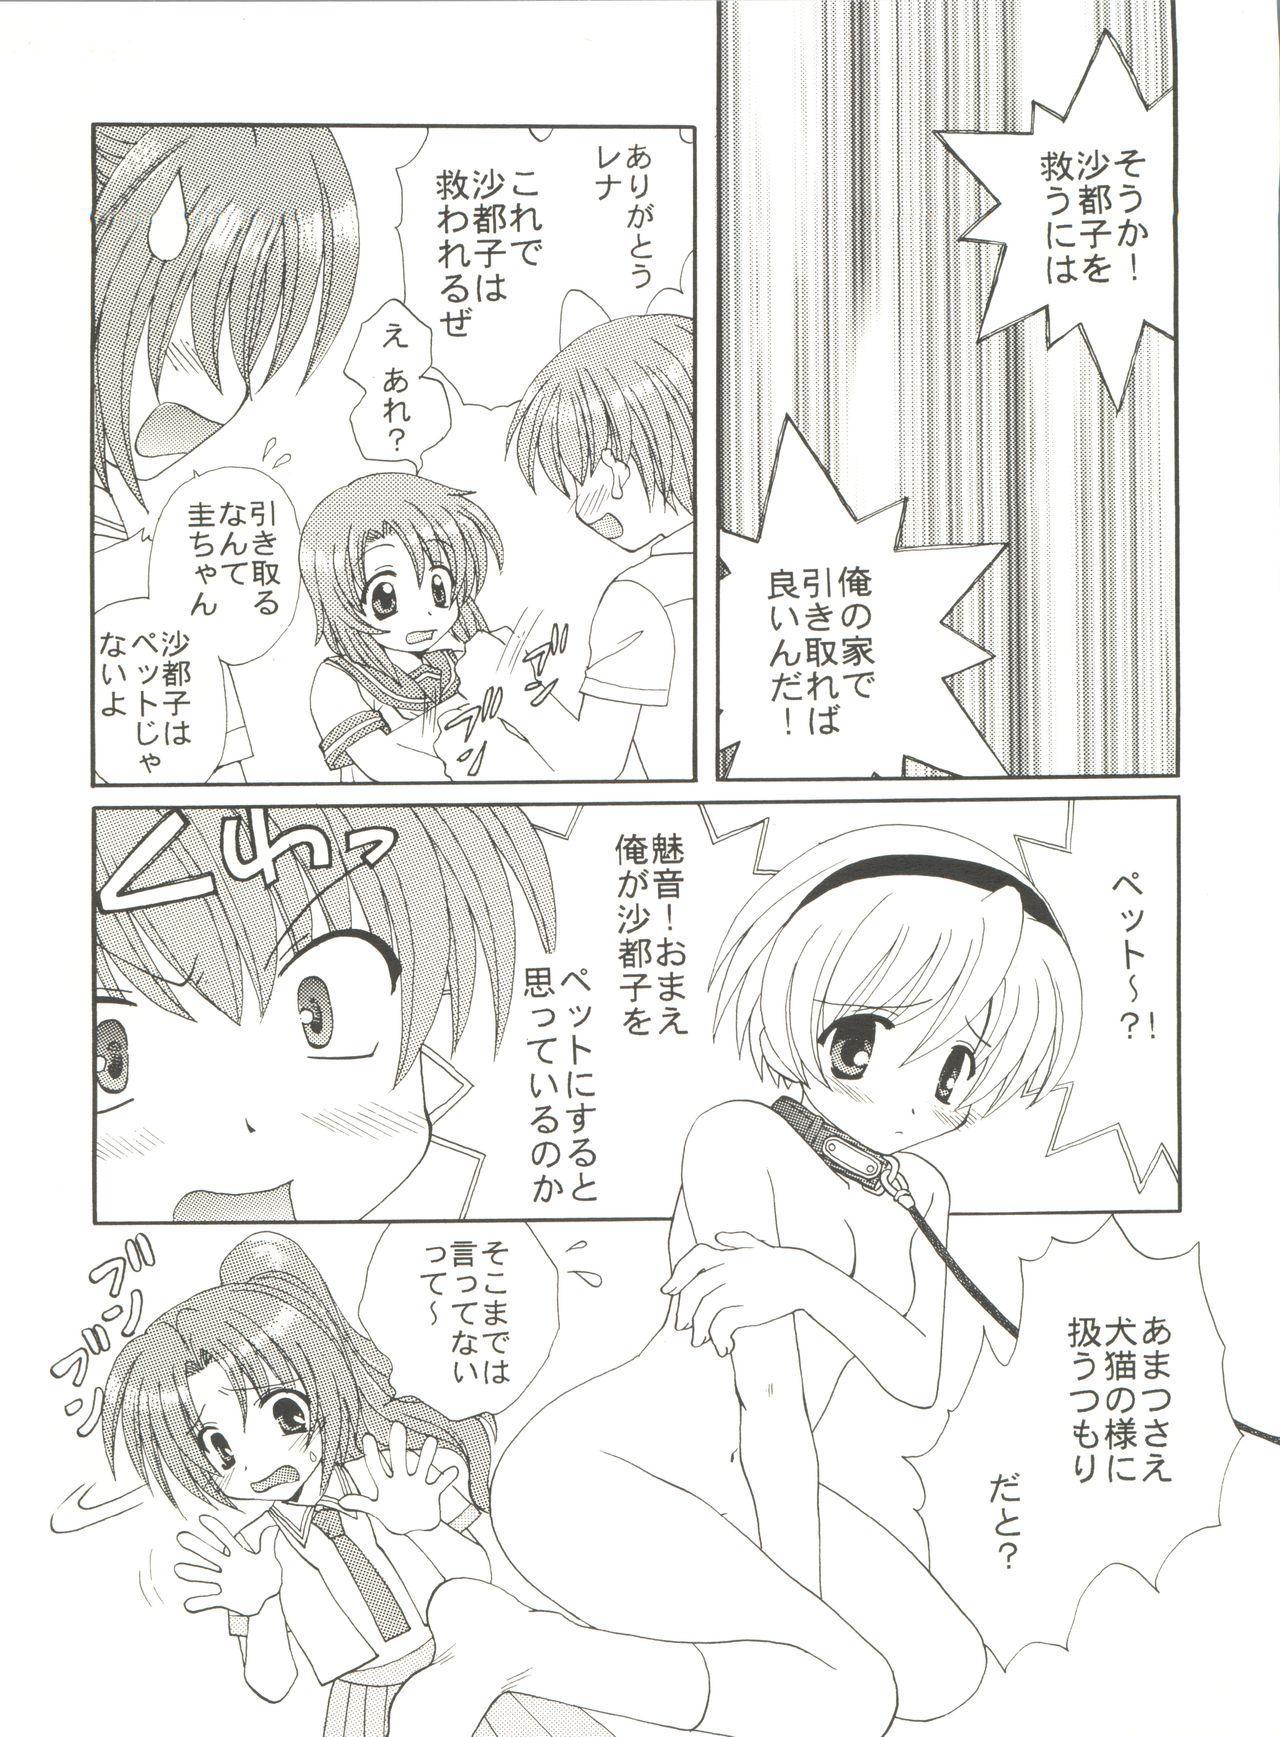 Higurashi no Naku ya ni 13